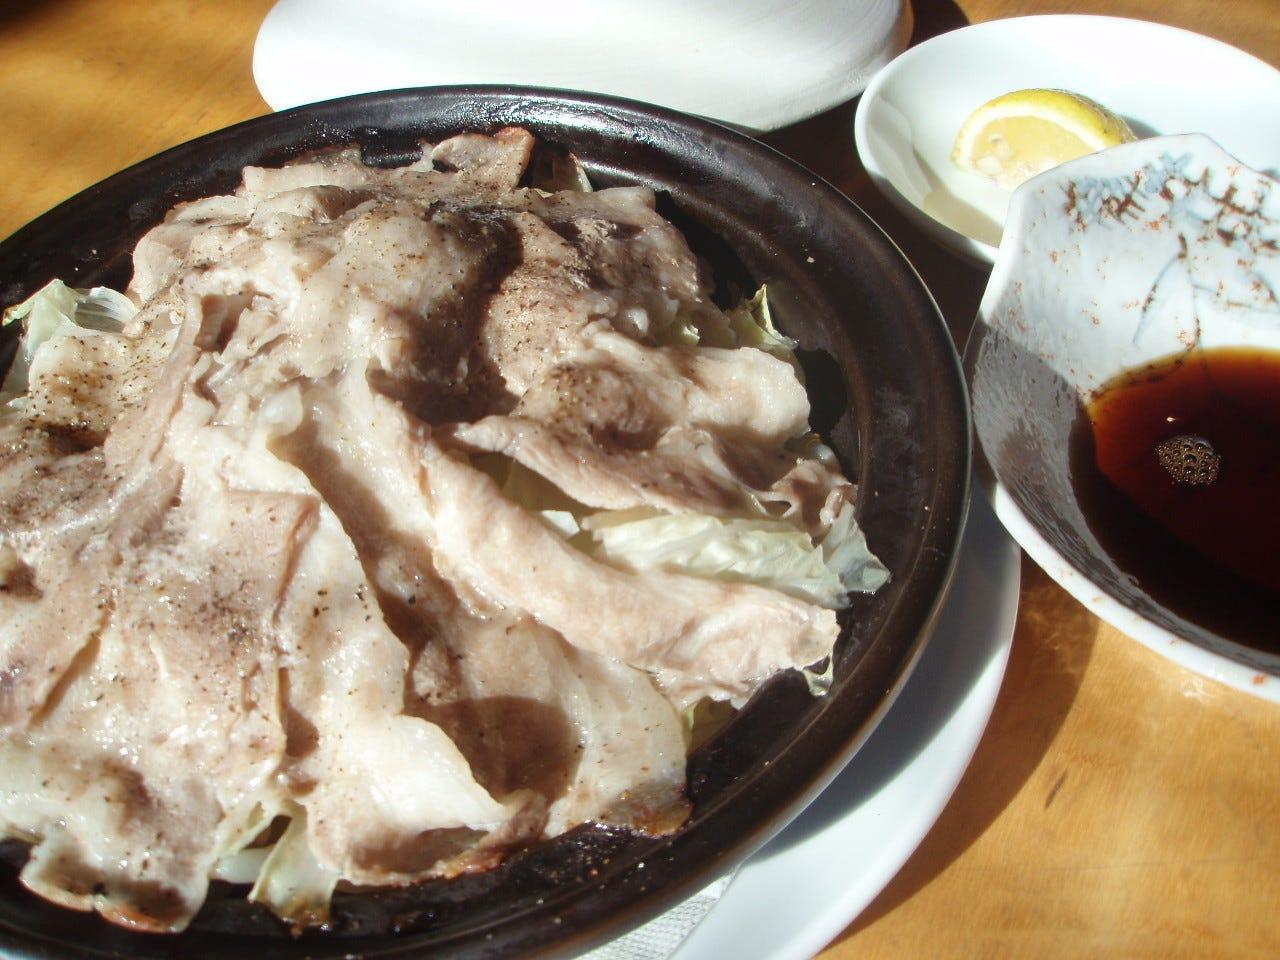 ポン酢と柚子胡椒で味わう蒸豚のタジン鍋 小1000円大2200円